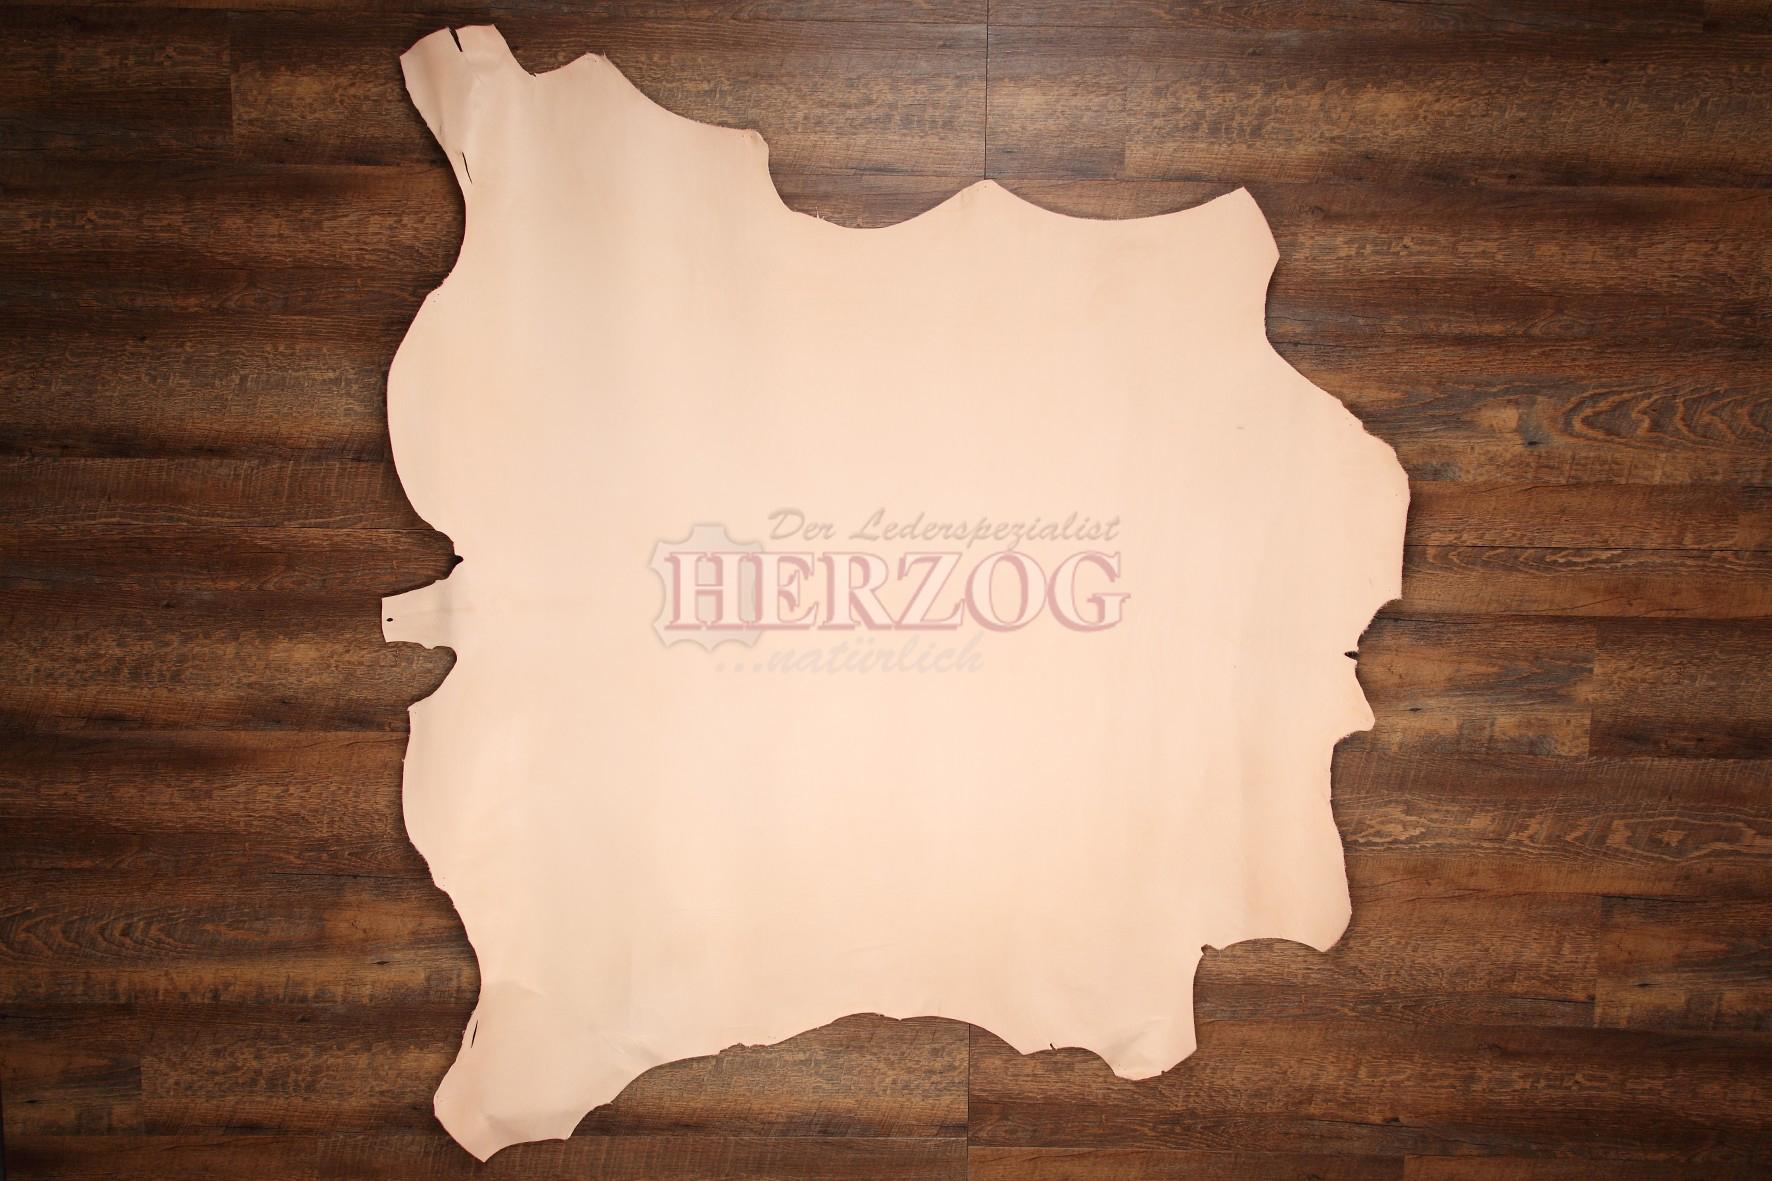 Herzog Fettkalbleder (ganzes Fell)